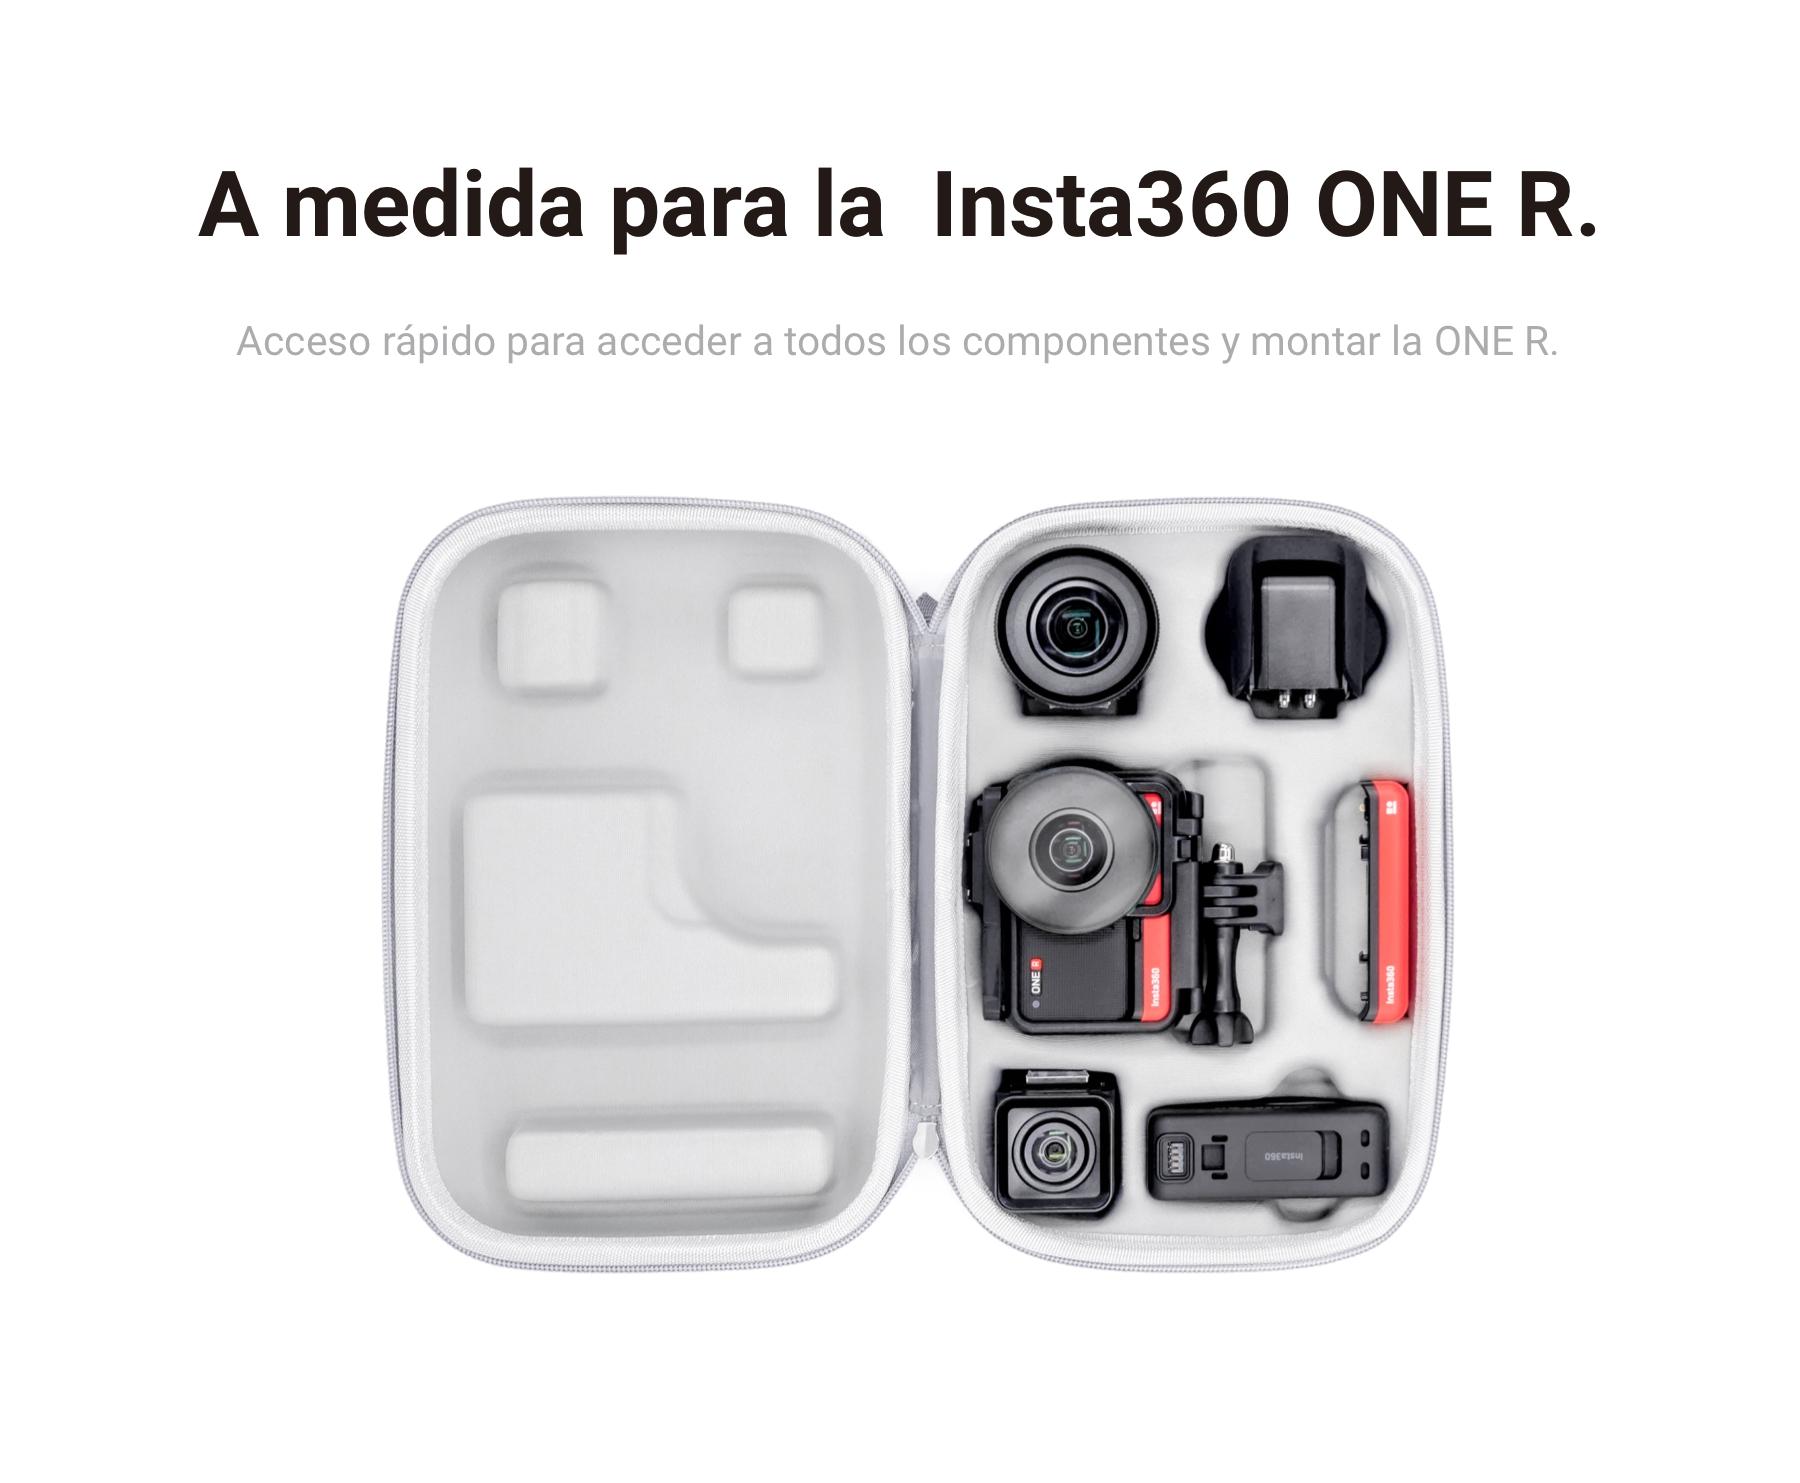 Comprar Estuche para Insta360 One R en Stock en Madrid